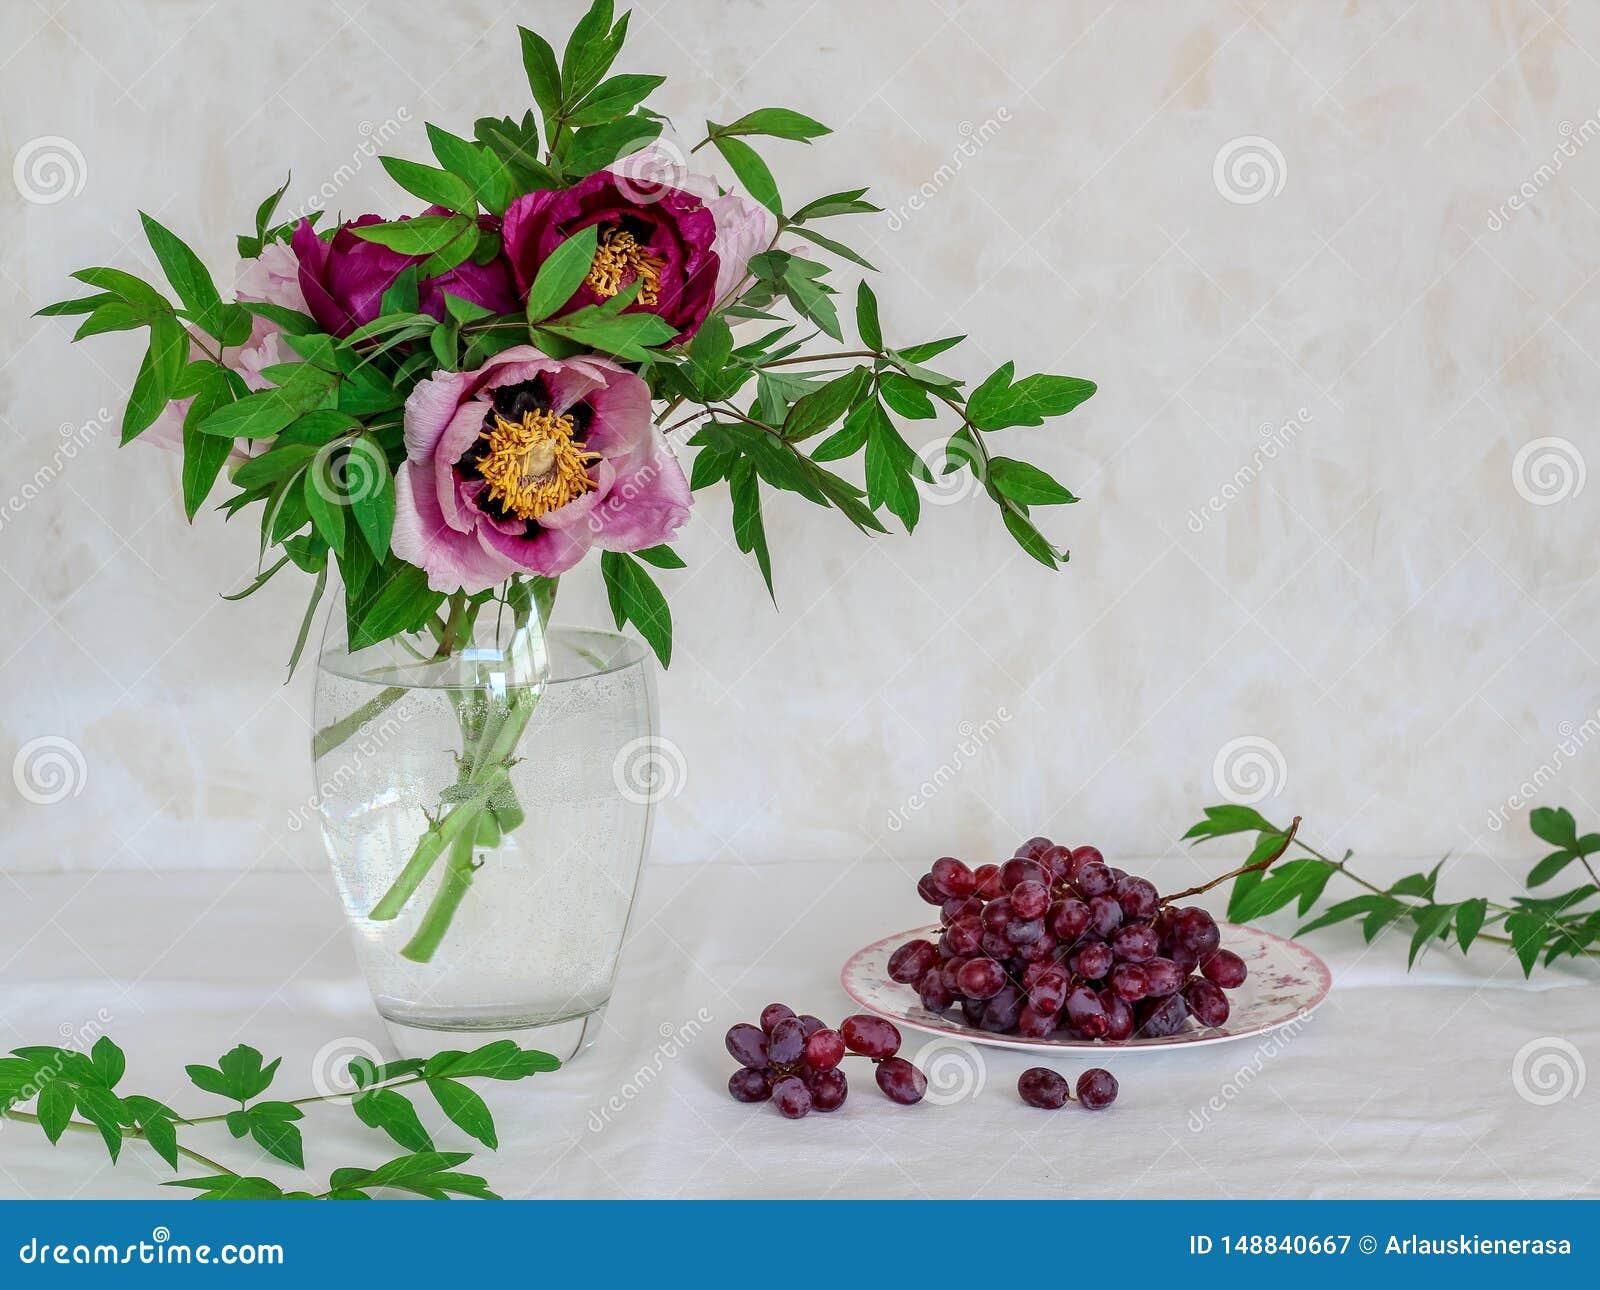 Stilleben med blommor och druvor Rosa och purpurf?rgade pioner i en vas p? en ljus bakgrund